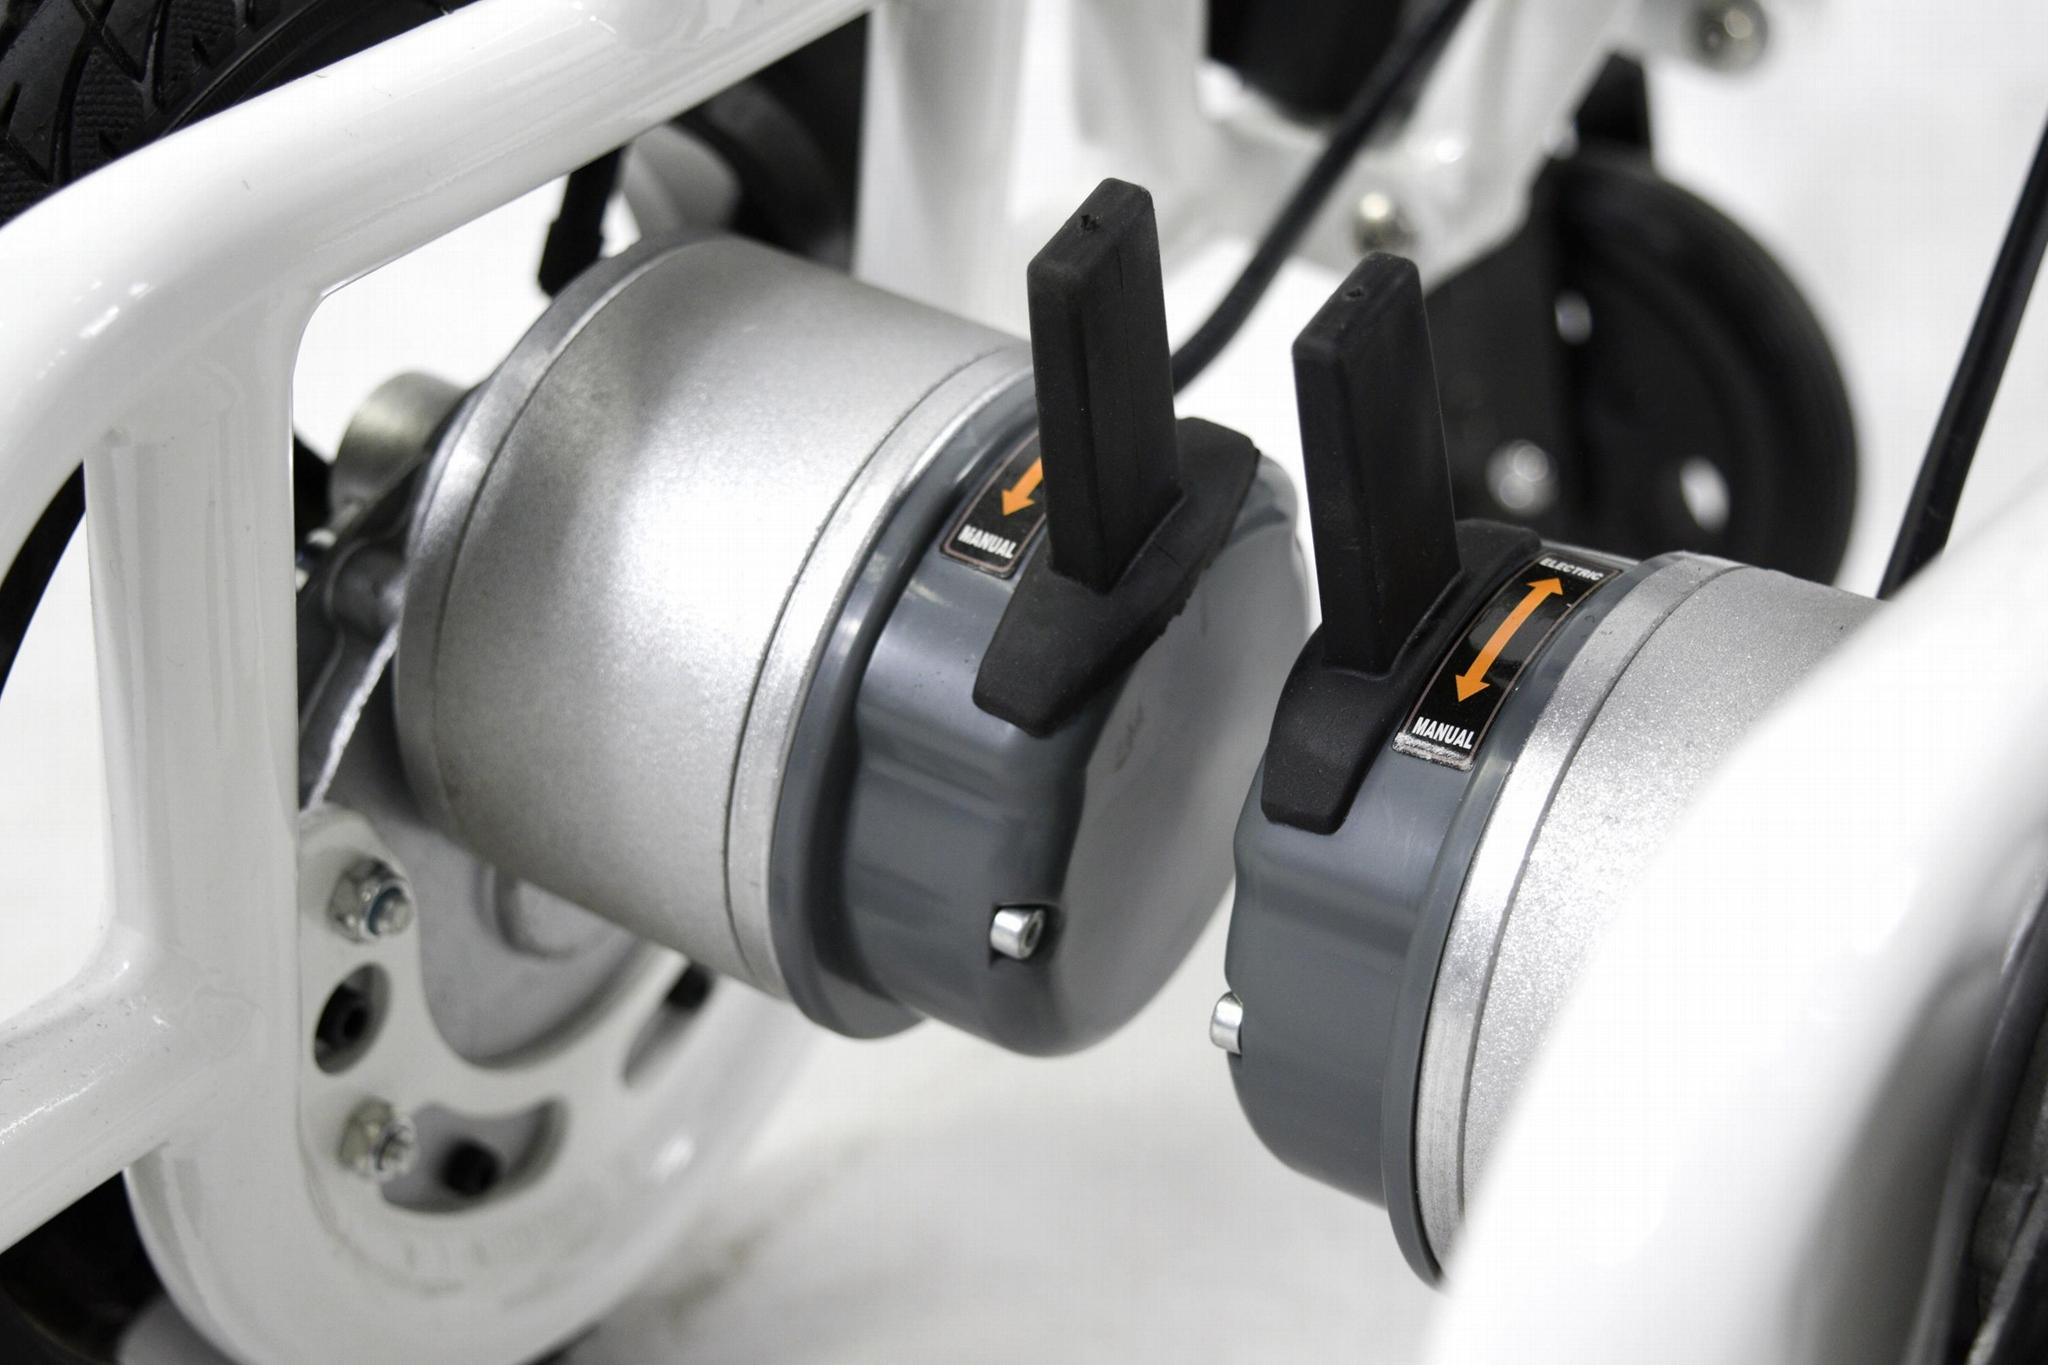 最轻便型可折叠电动轮椅16公斤锂电池  4